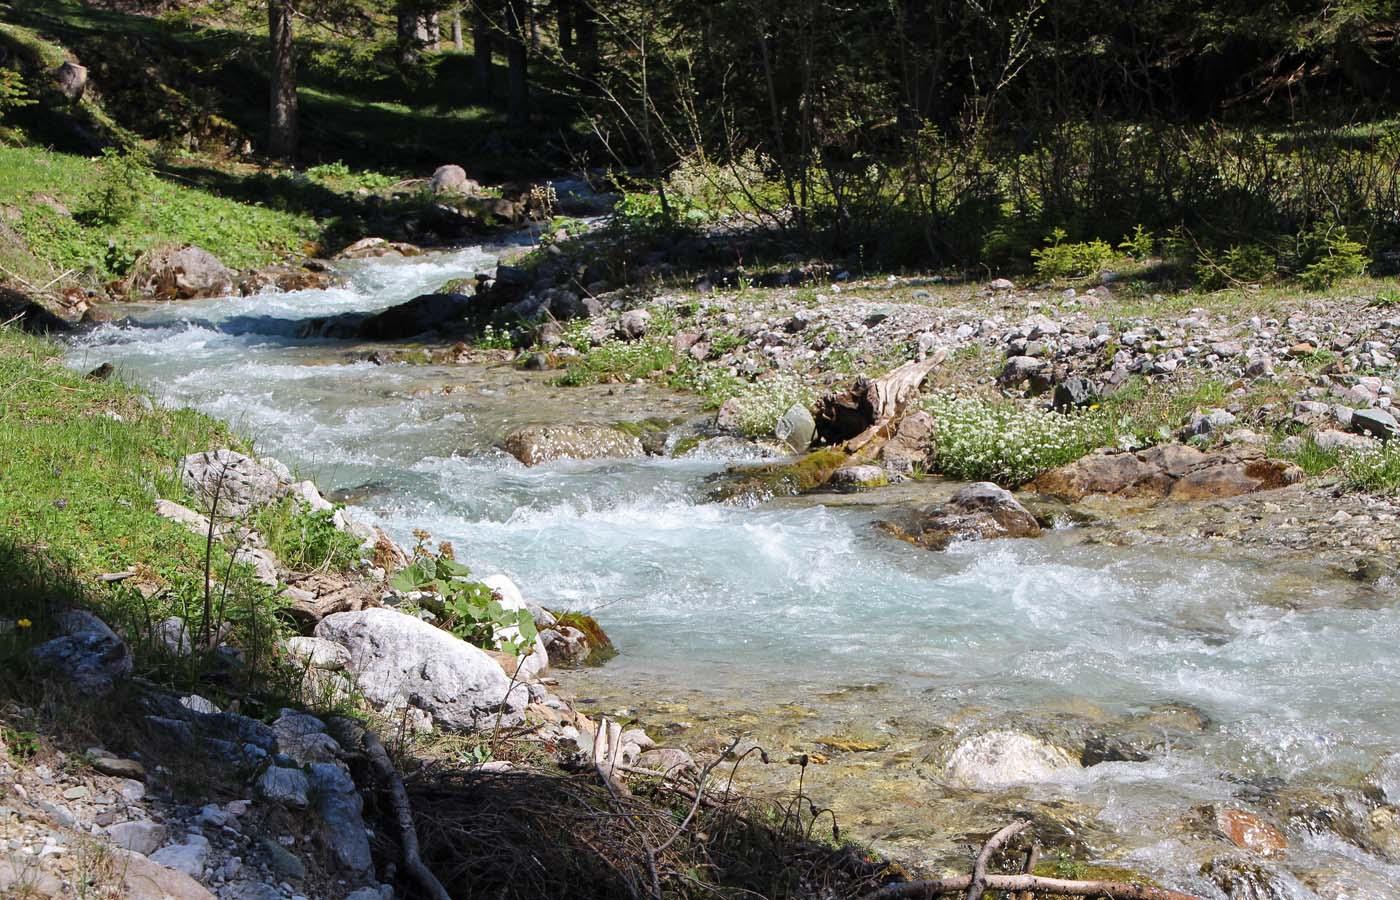 Leben trotz schwieriger Bedingungen am und im Gebirgsfluss